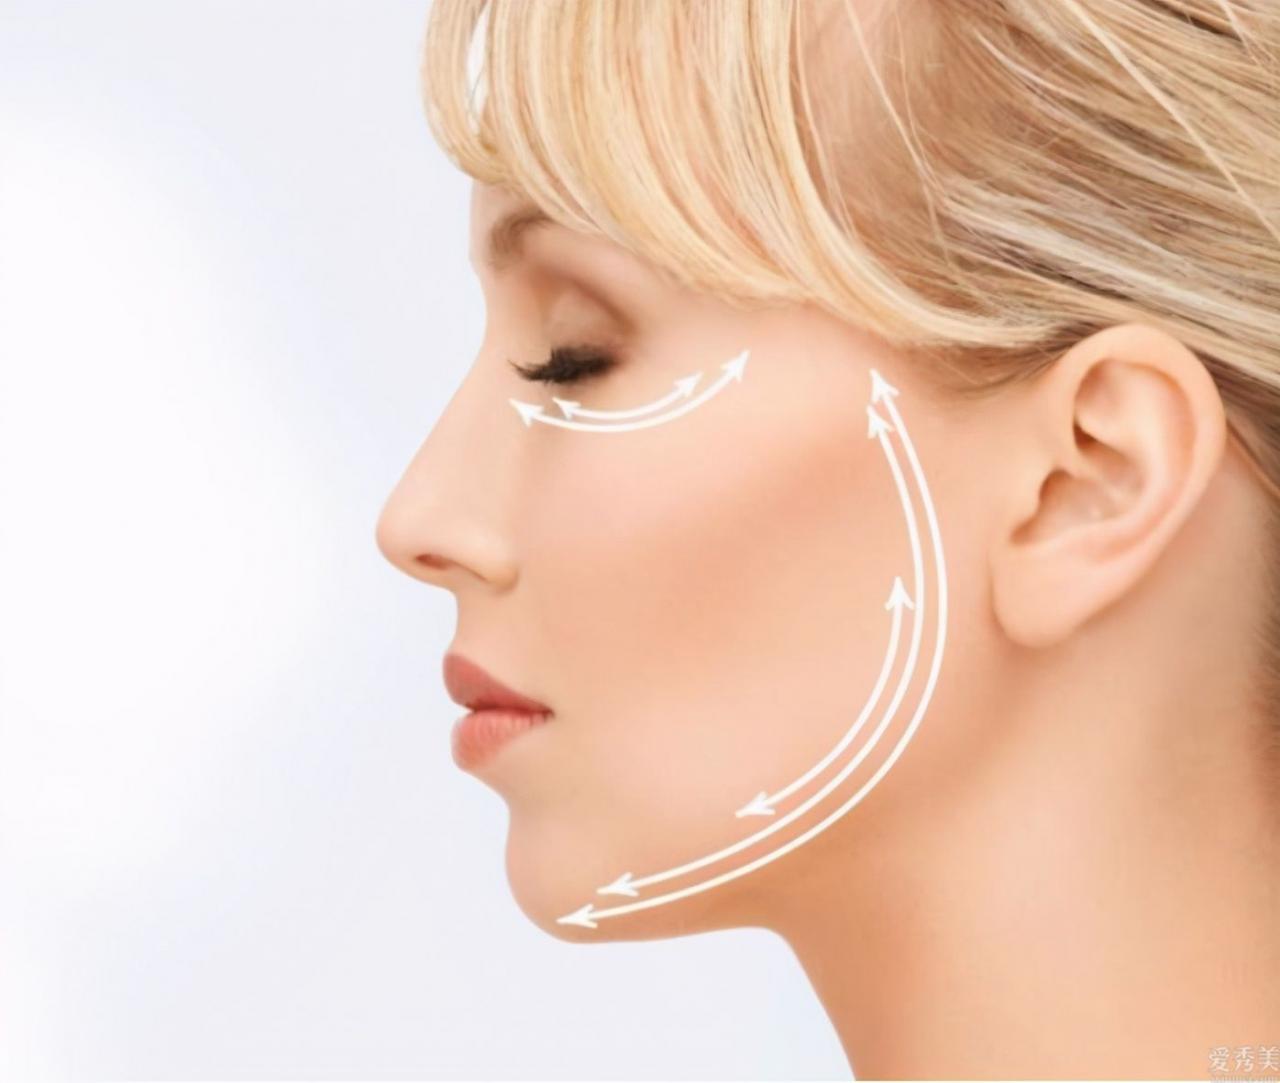 面部皮膚幹燥有褶皺,緩解冬季瘙癢的七種方法